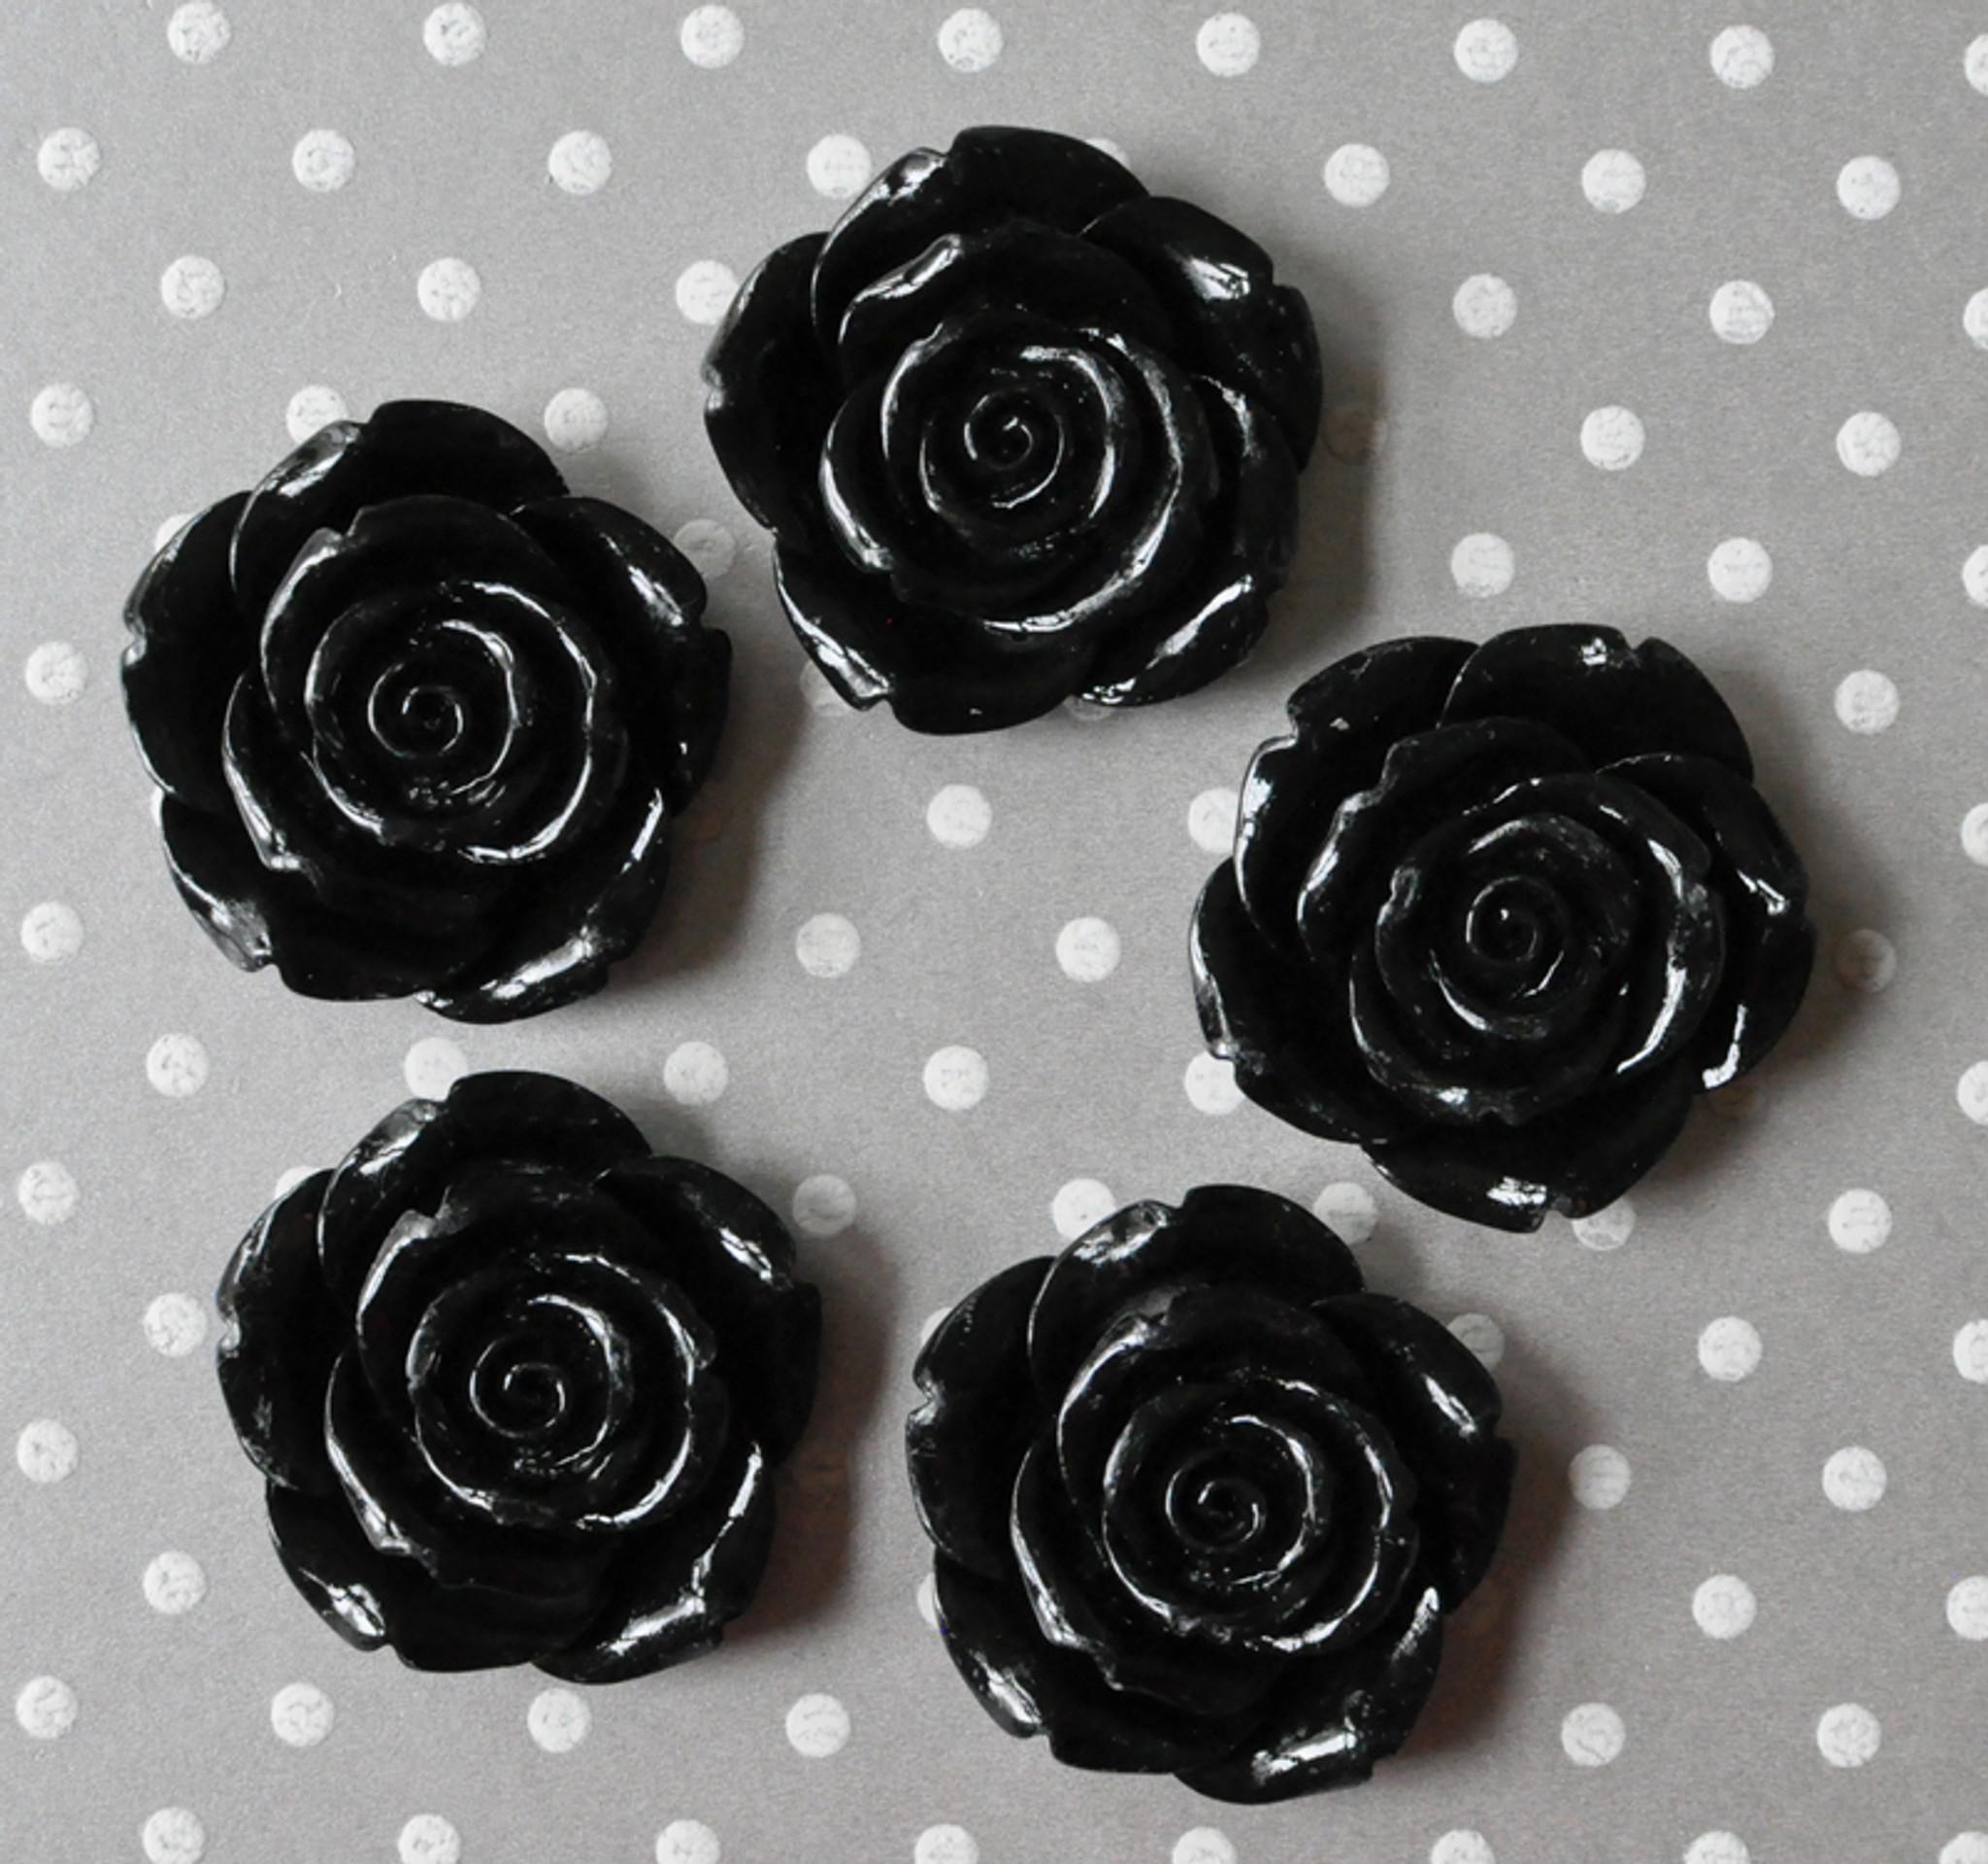 42mm Black resin flower beads